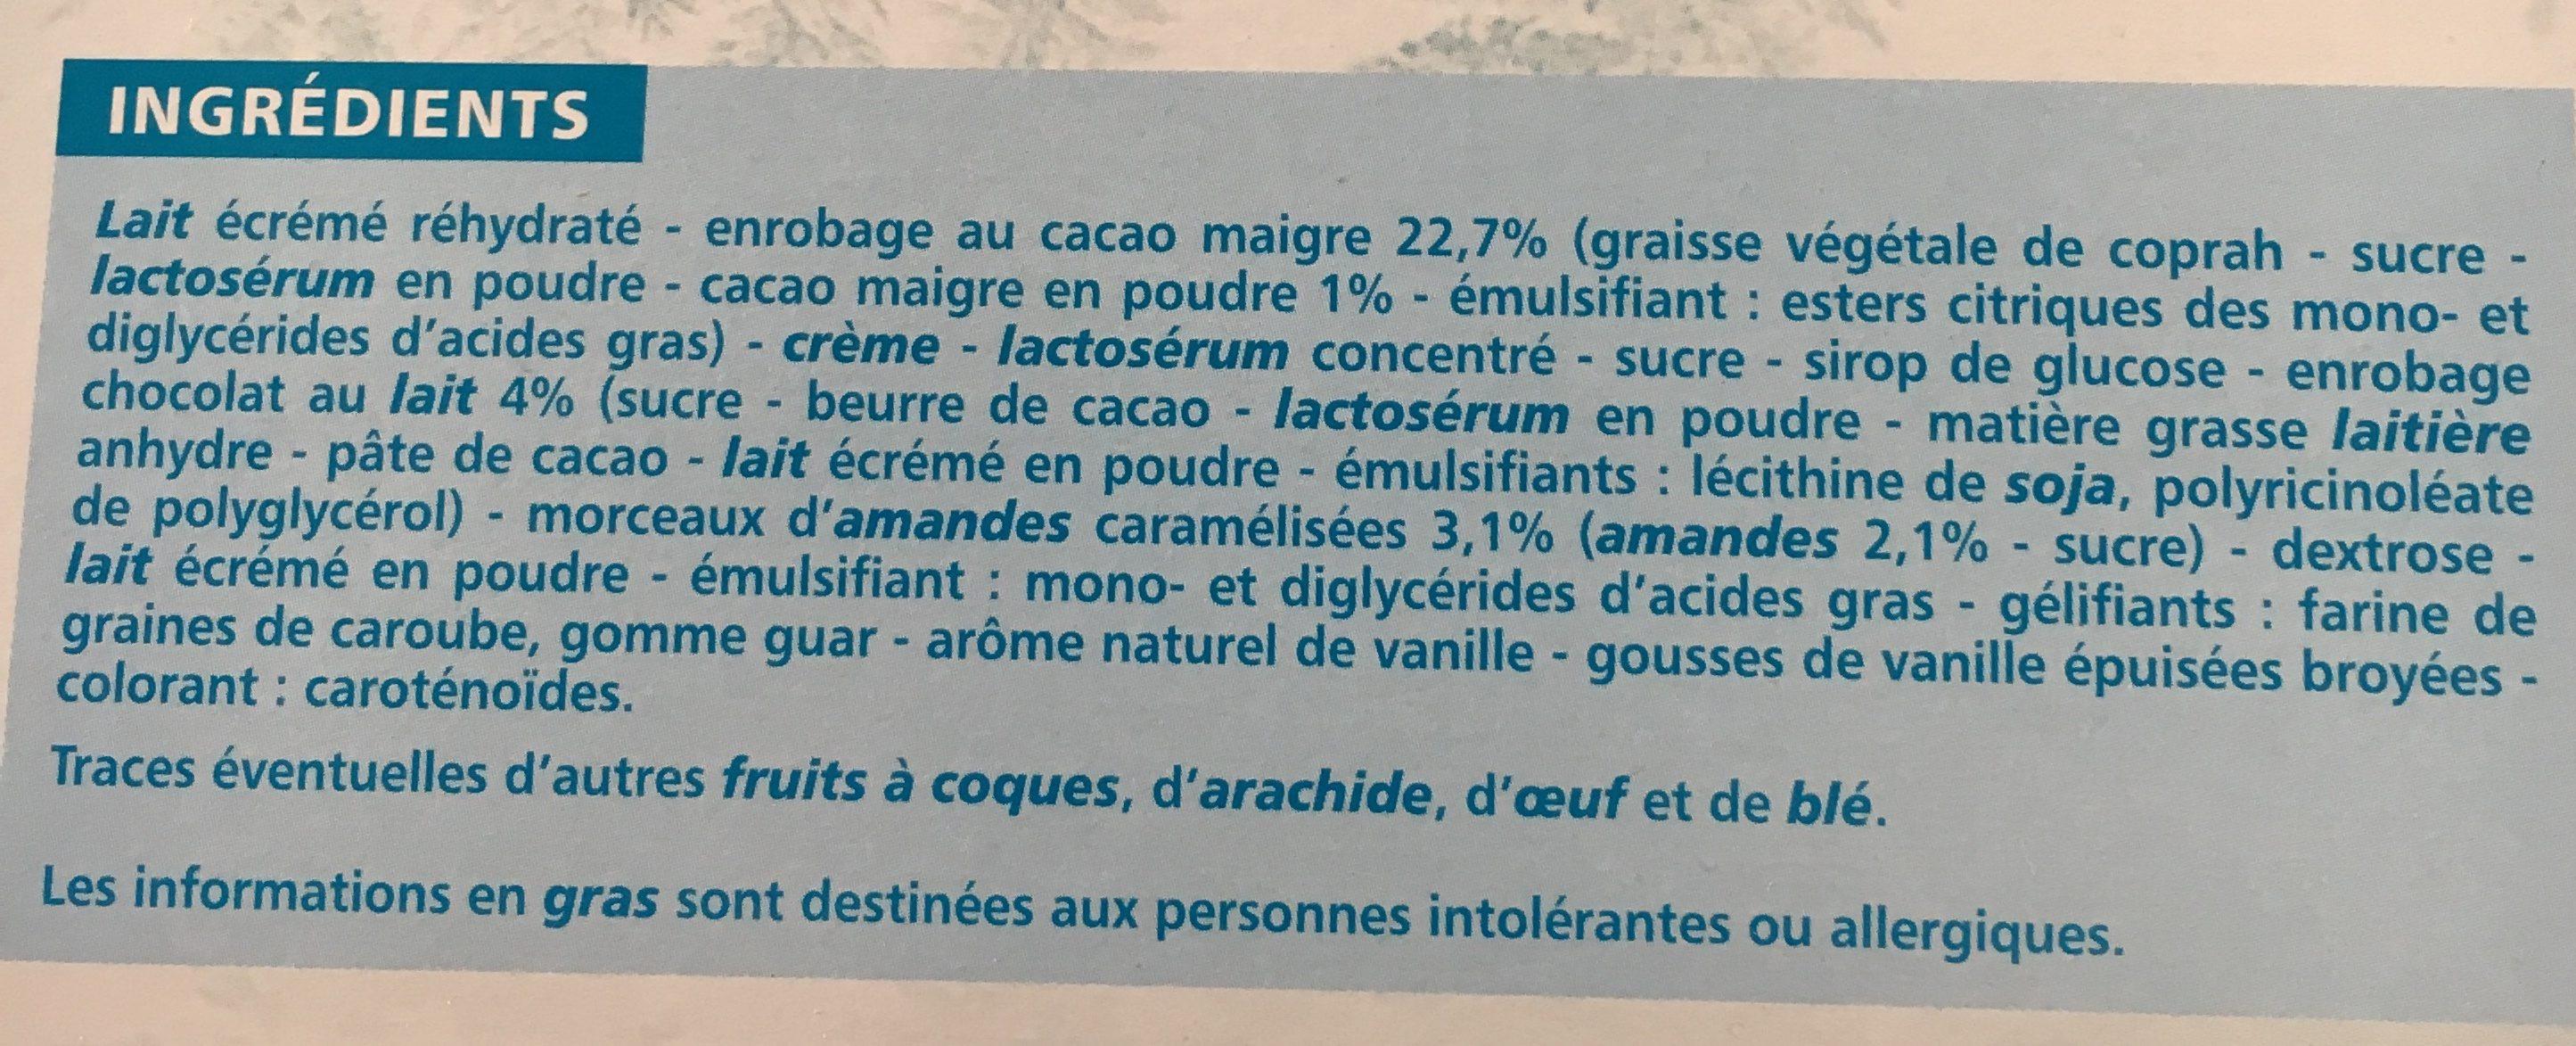 10 bâtonnets vanille - Ingredients